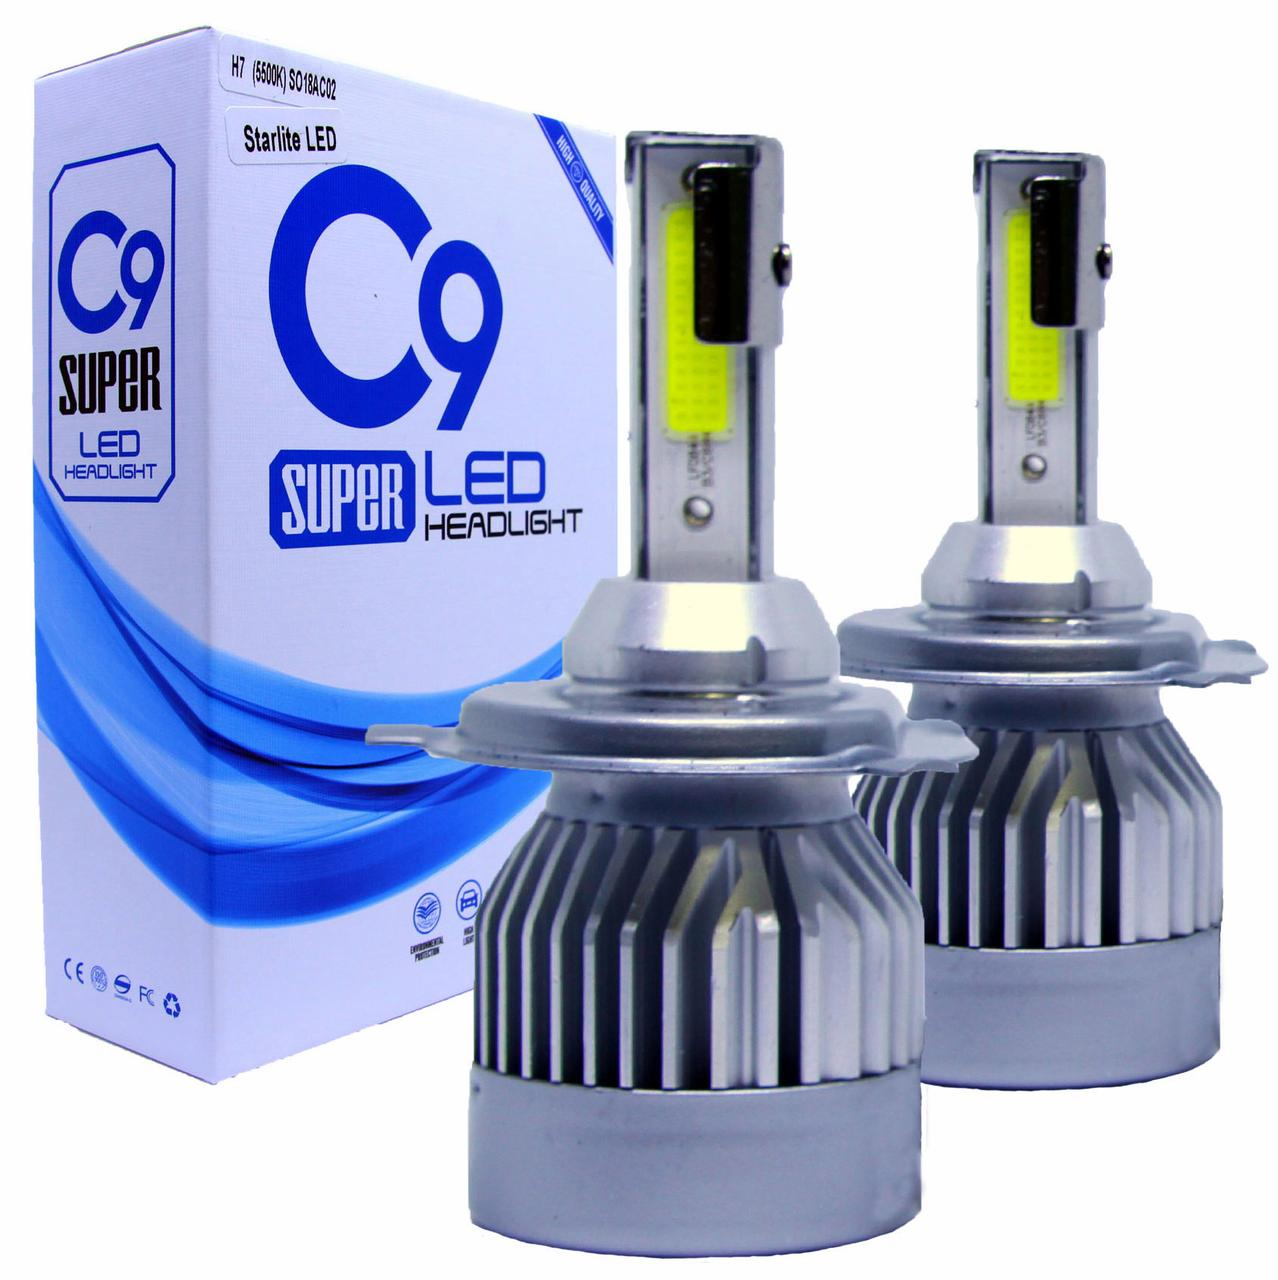 Лампа светодиодная для фар С9  H4 3800 Lum, цвет свечения 5500К, 2 шт/компл.